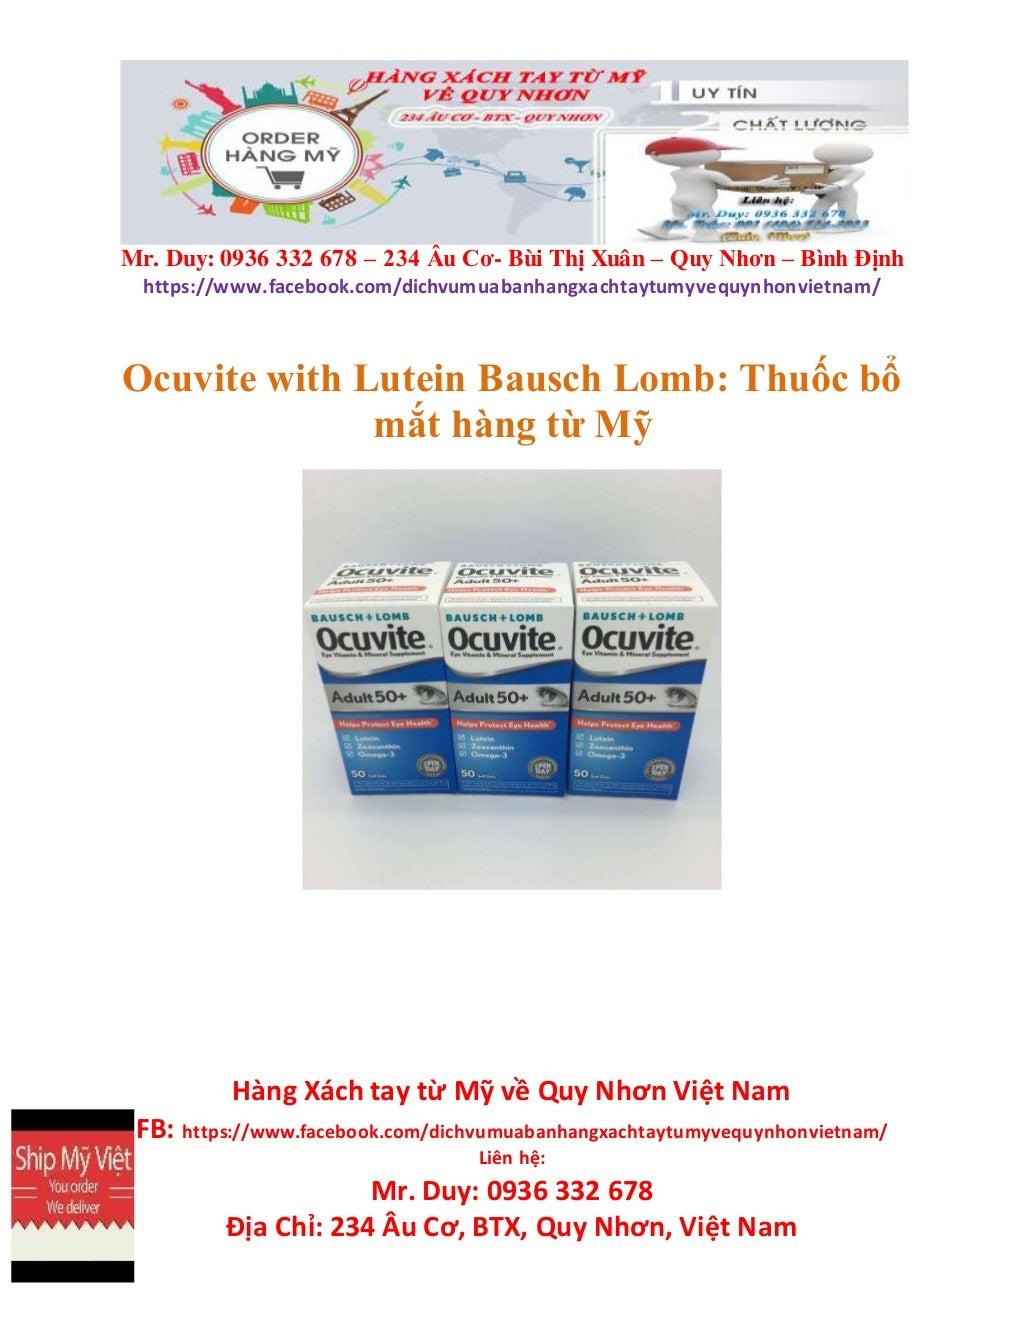 Dịch vụ order thực phẩm chức năng xách tay về Quy Nhơn giá rẻ nhất - Magazine cover